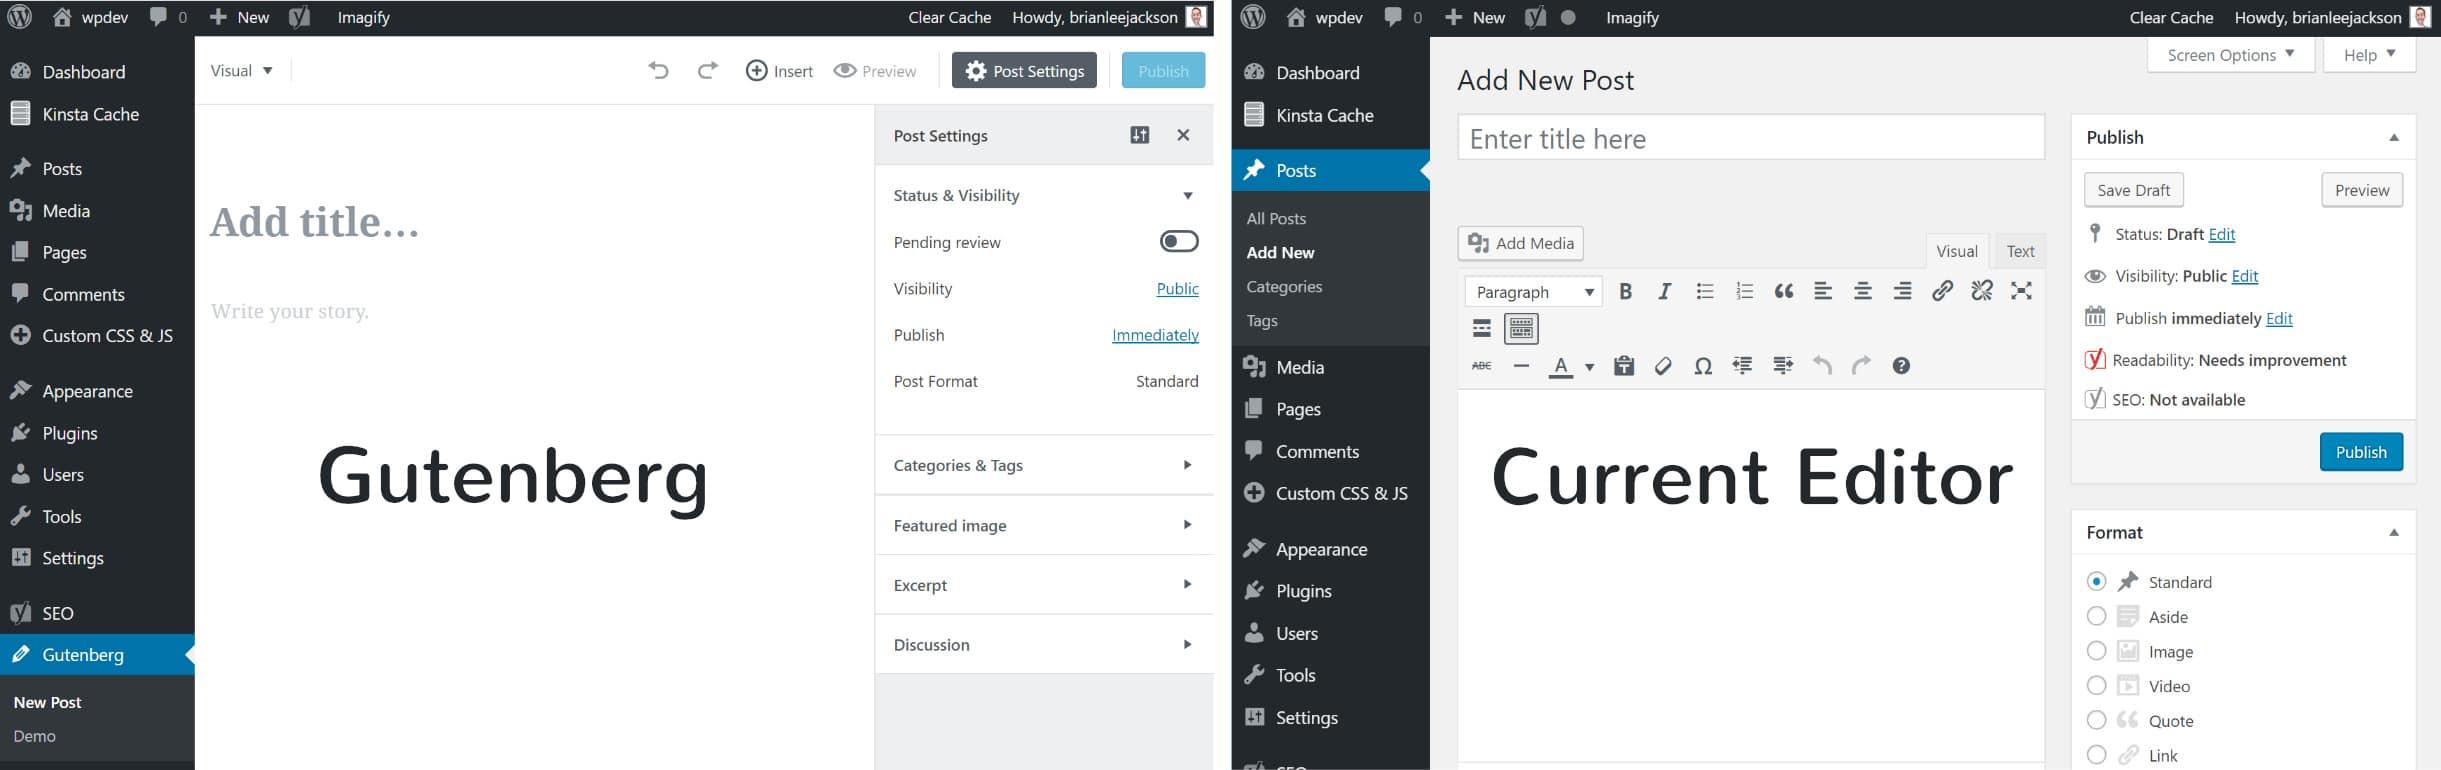 Comparando o Gutenberg com o editor atual